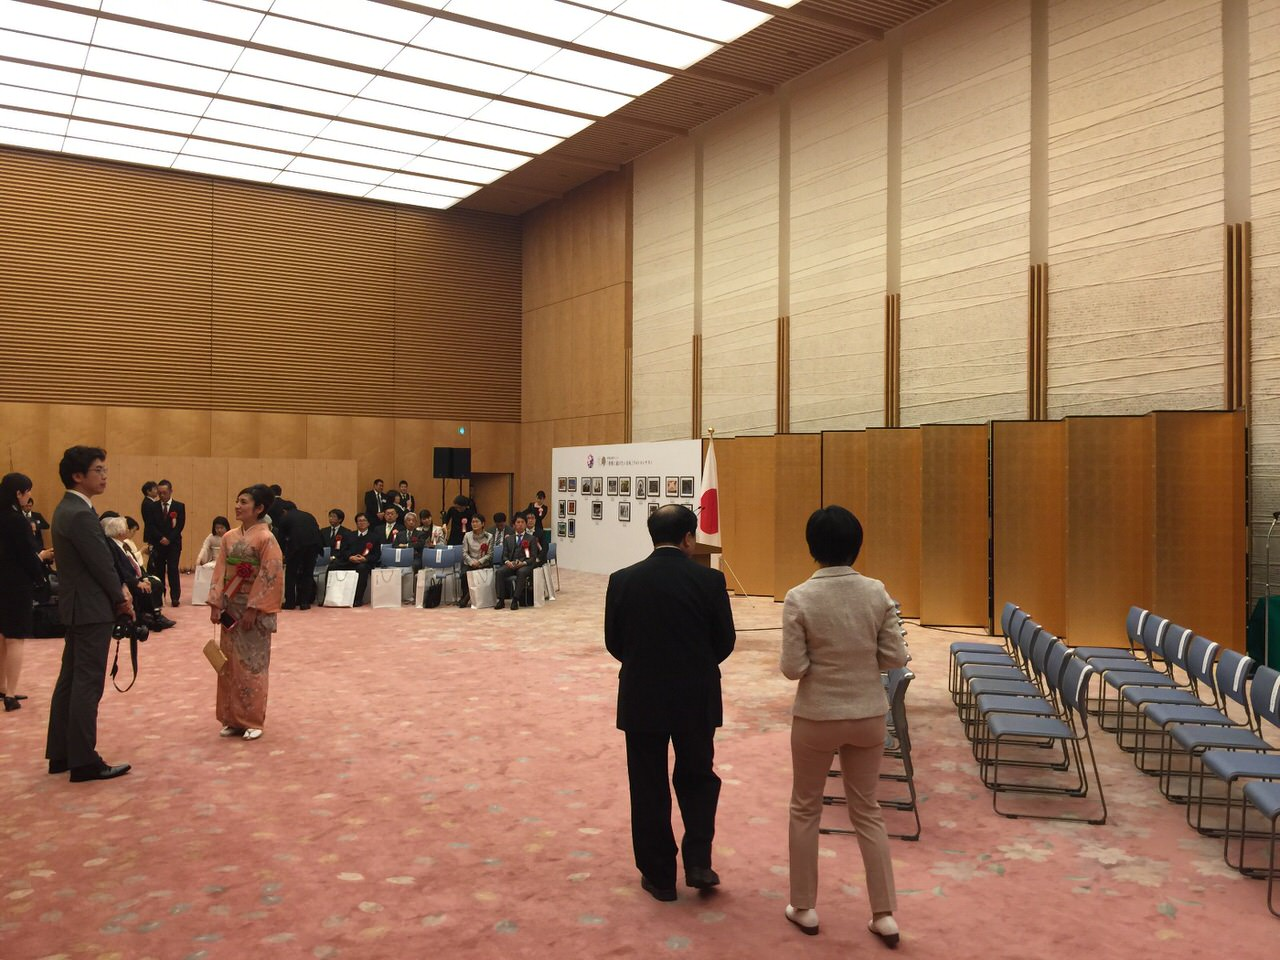 Ise shima photo contest 2456